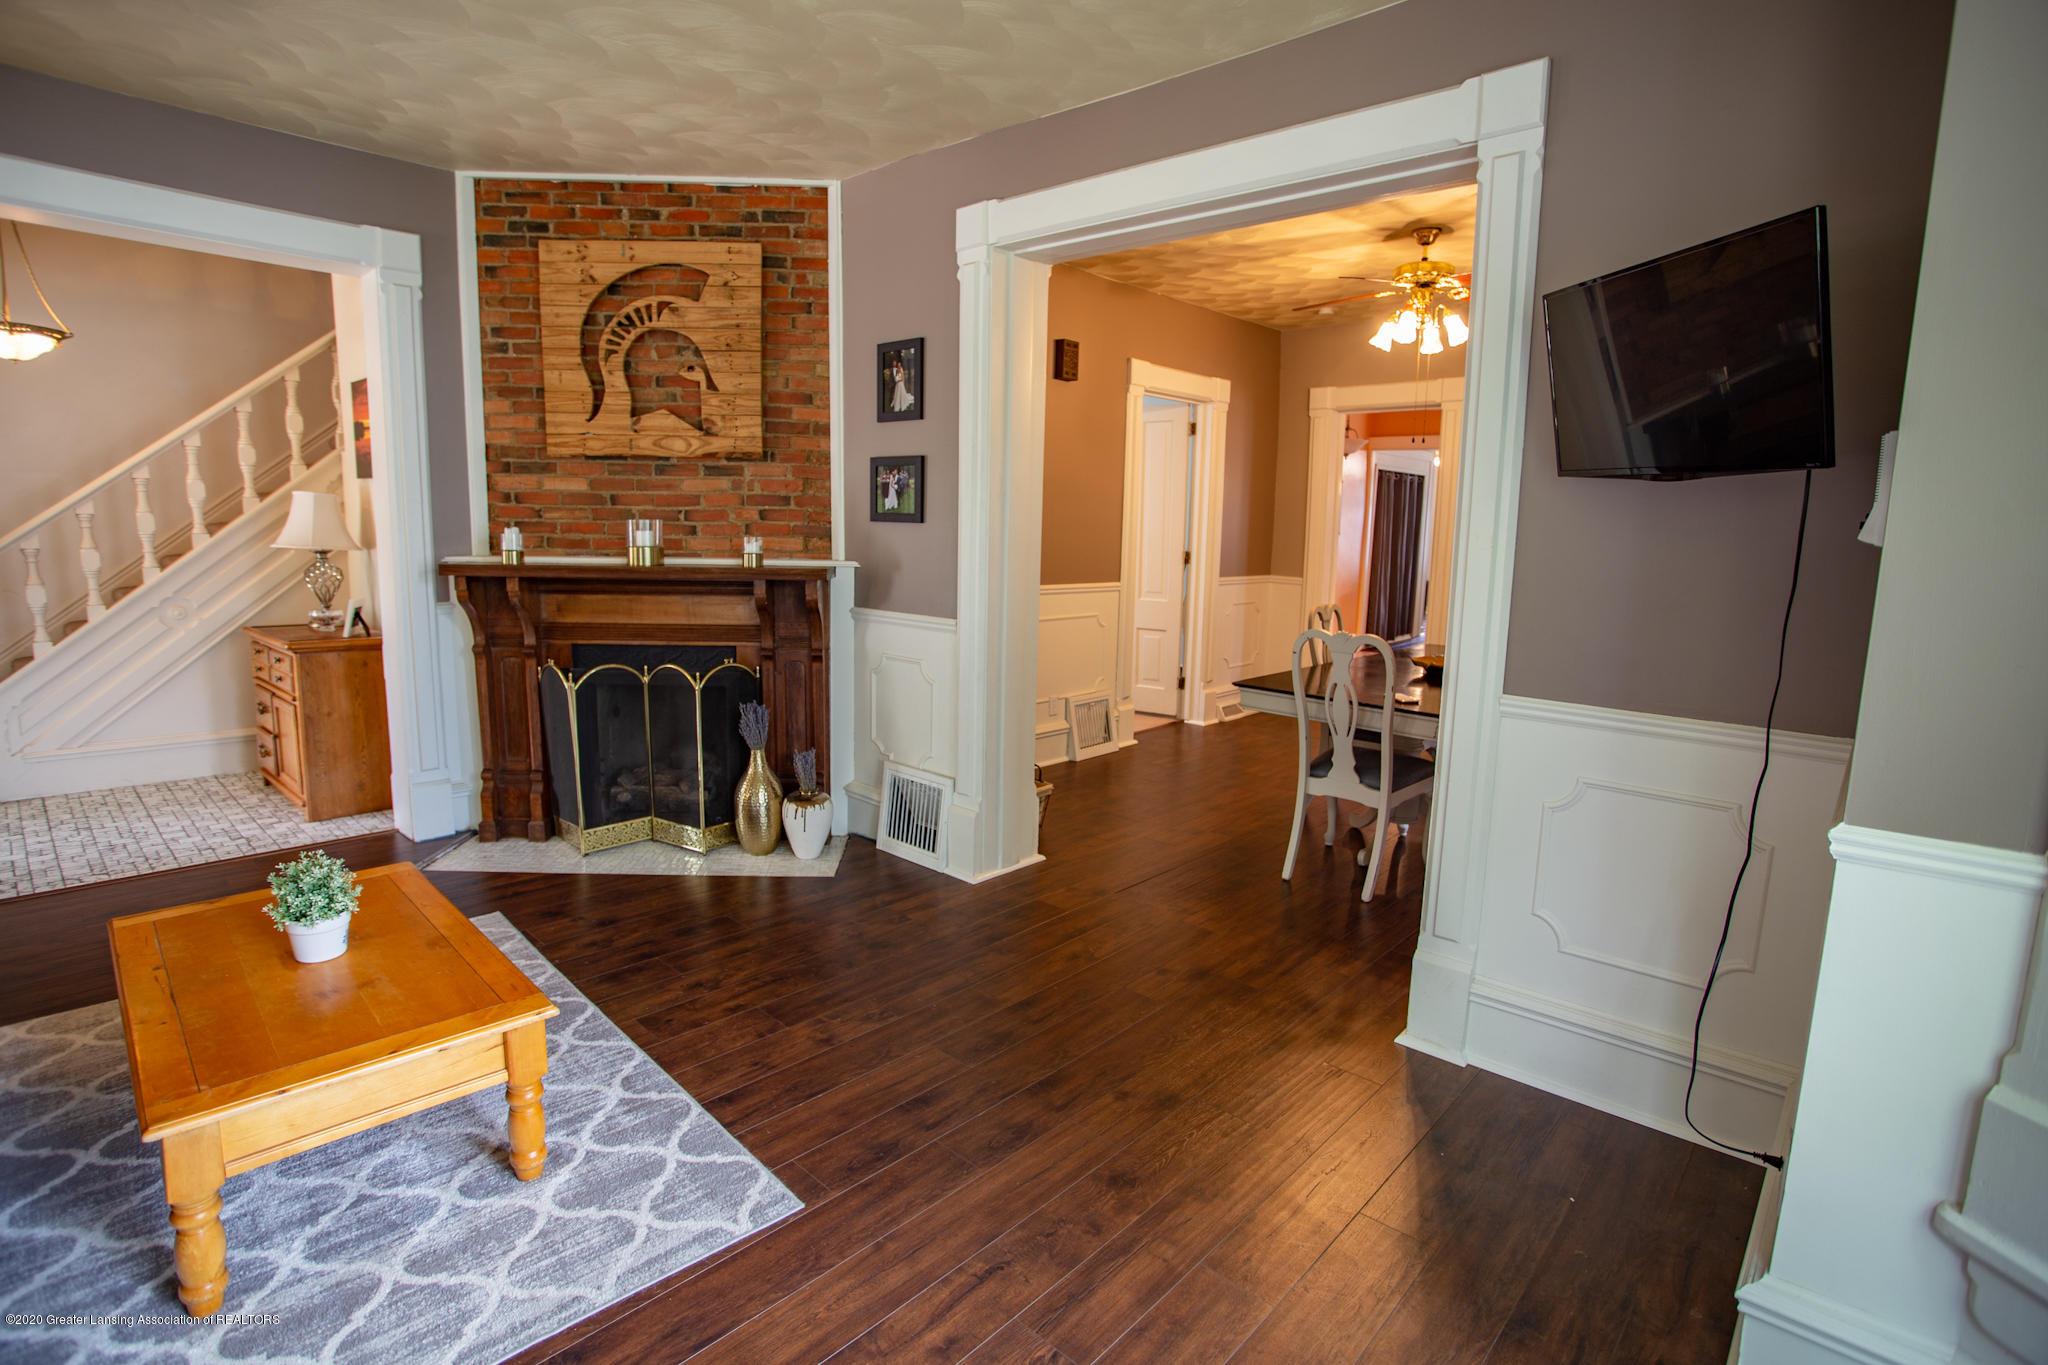 116 S Clinton St - Living roomCharlotte-06 - 6